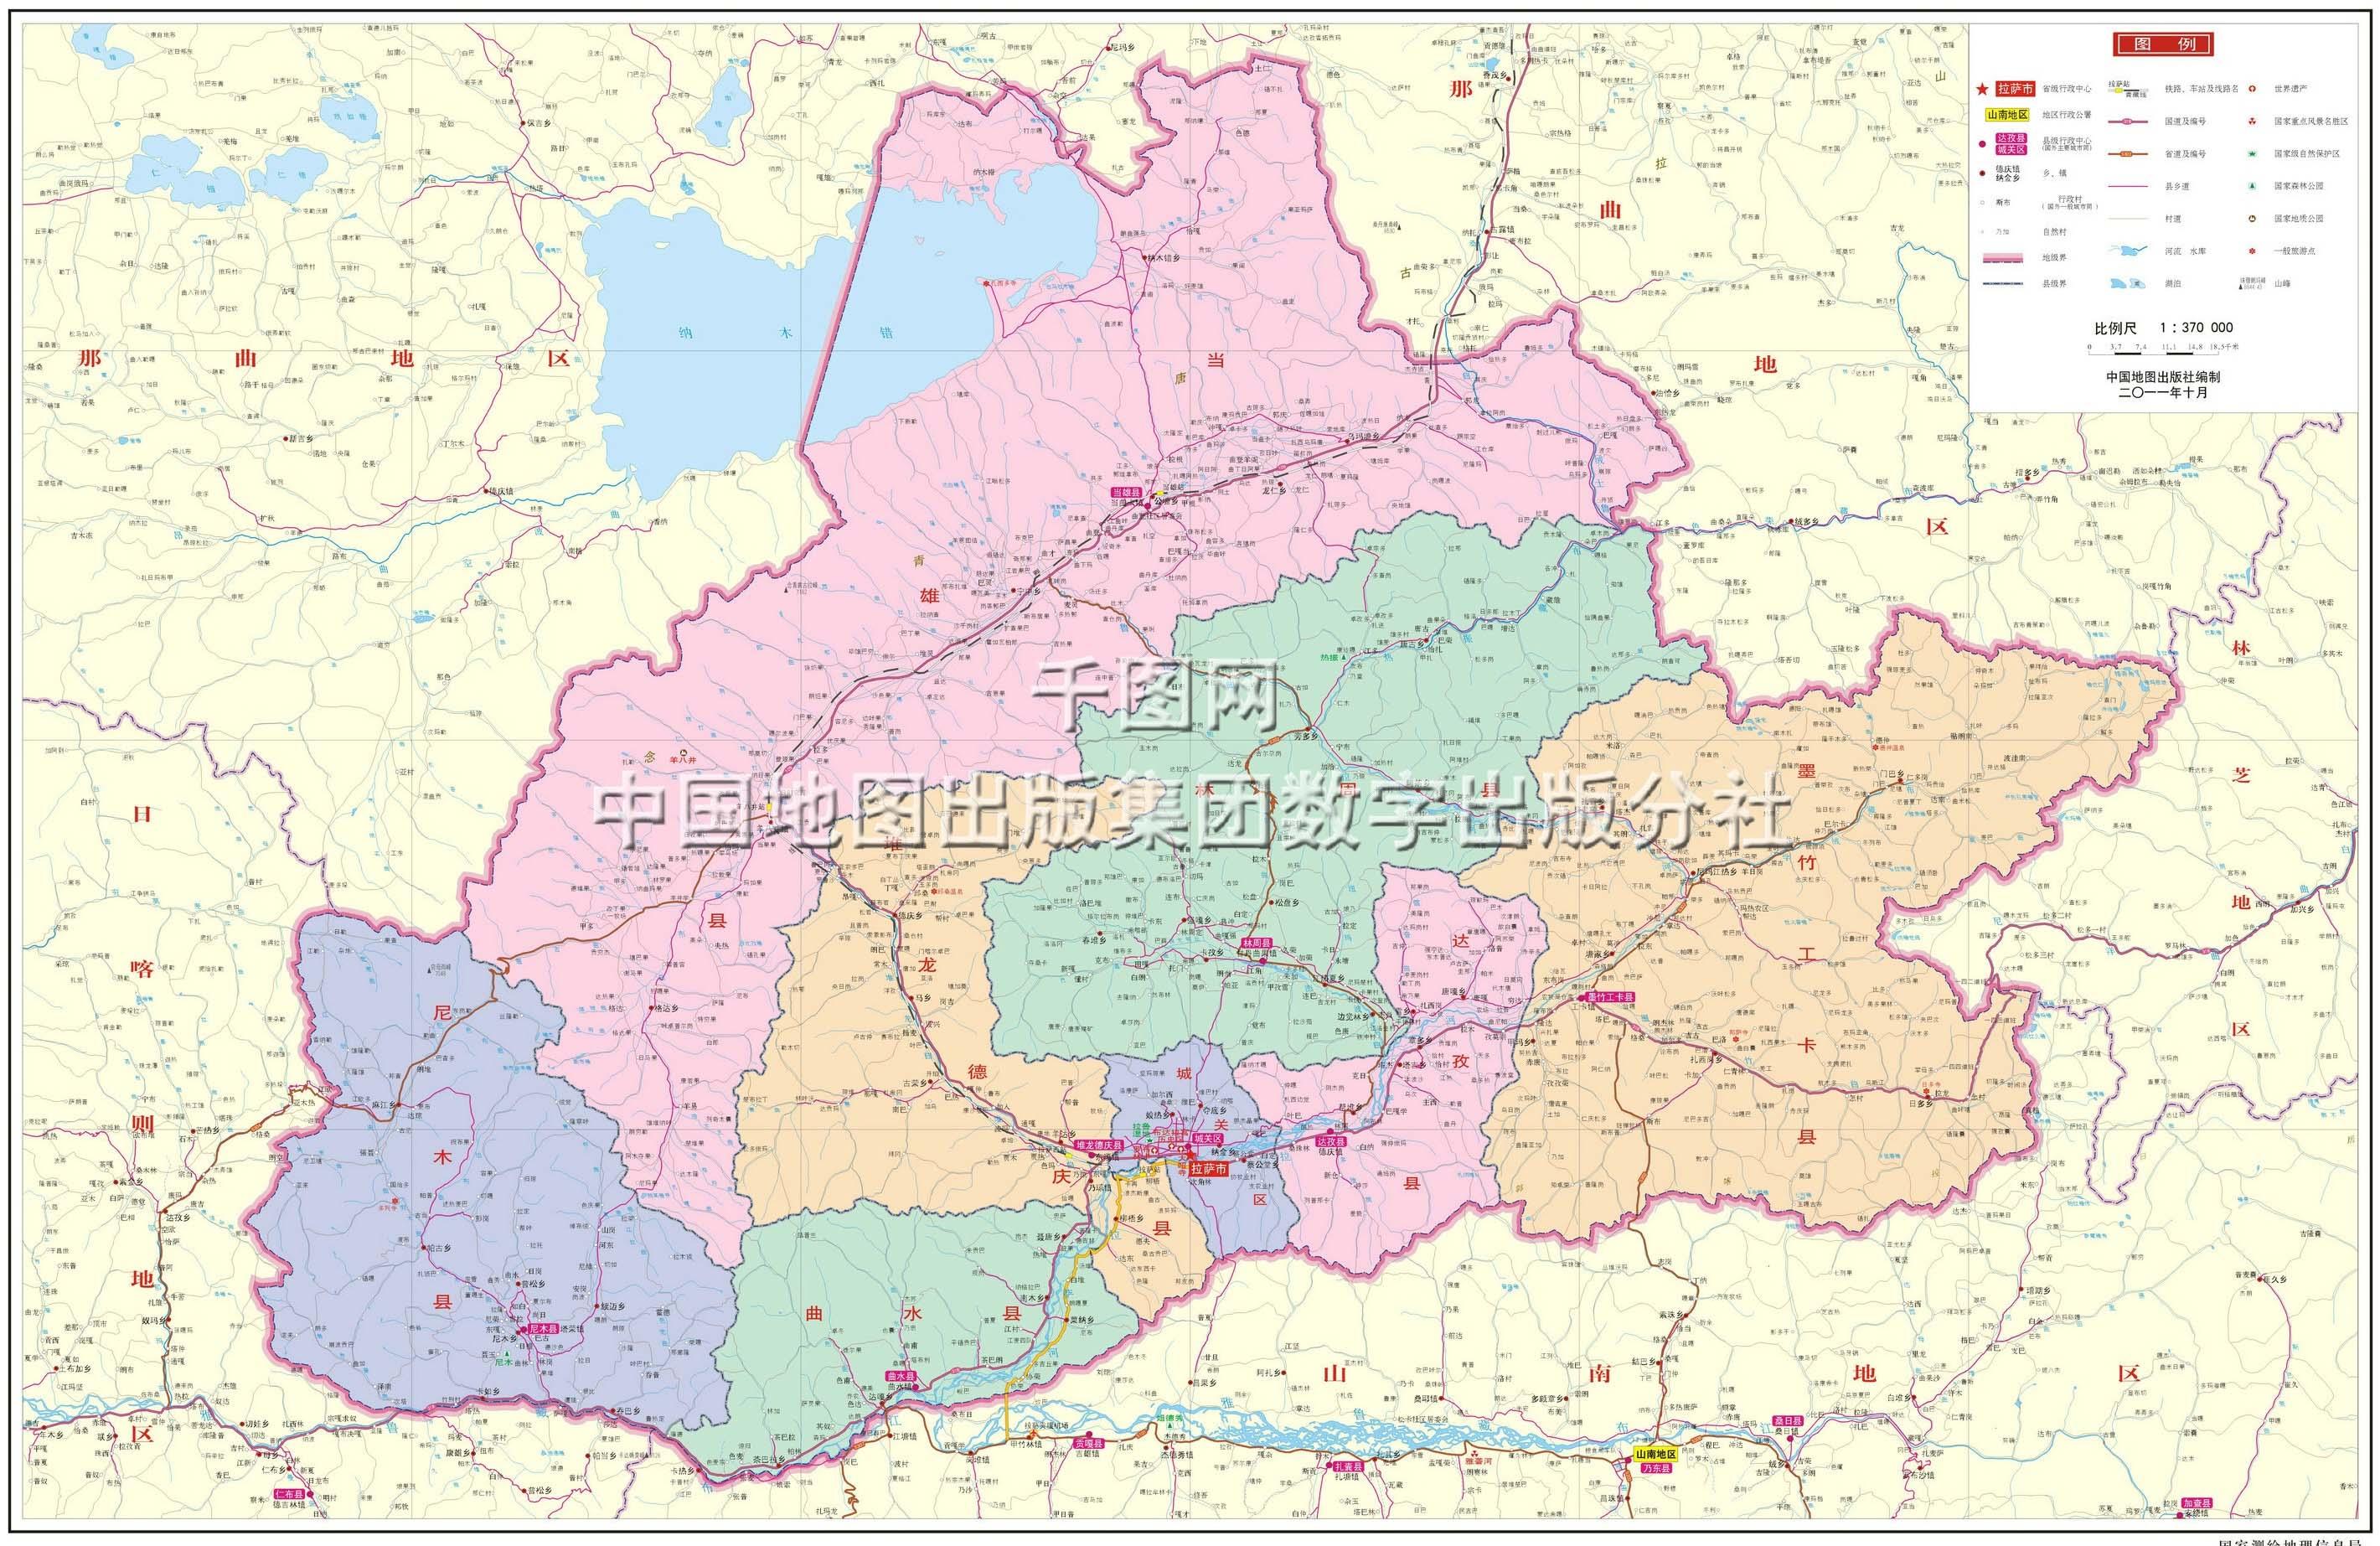 拉萨市地图高清版